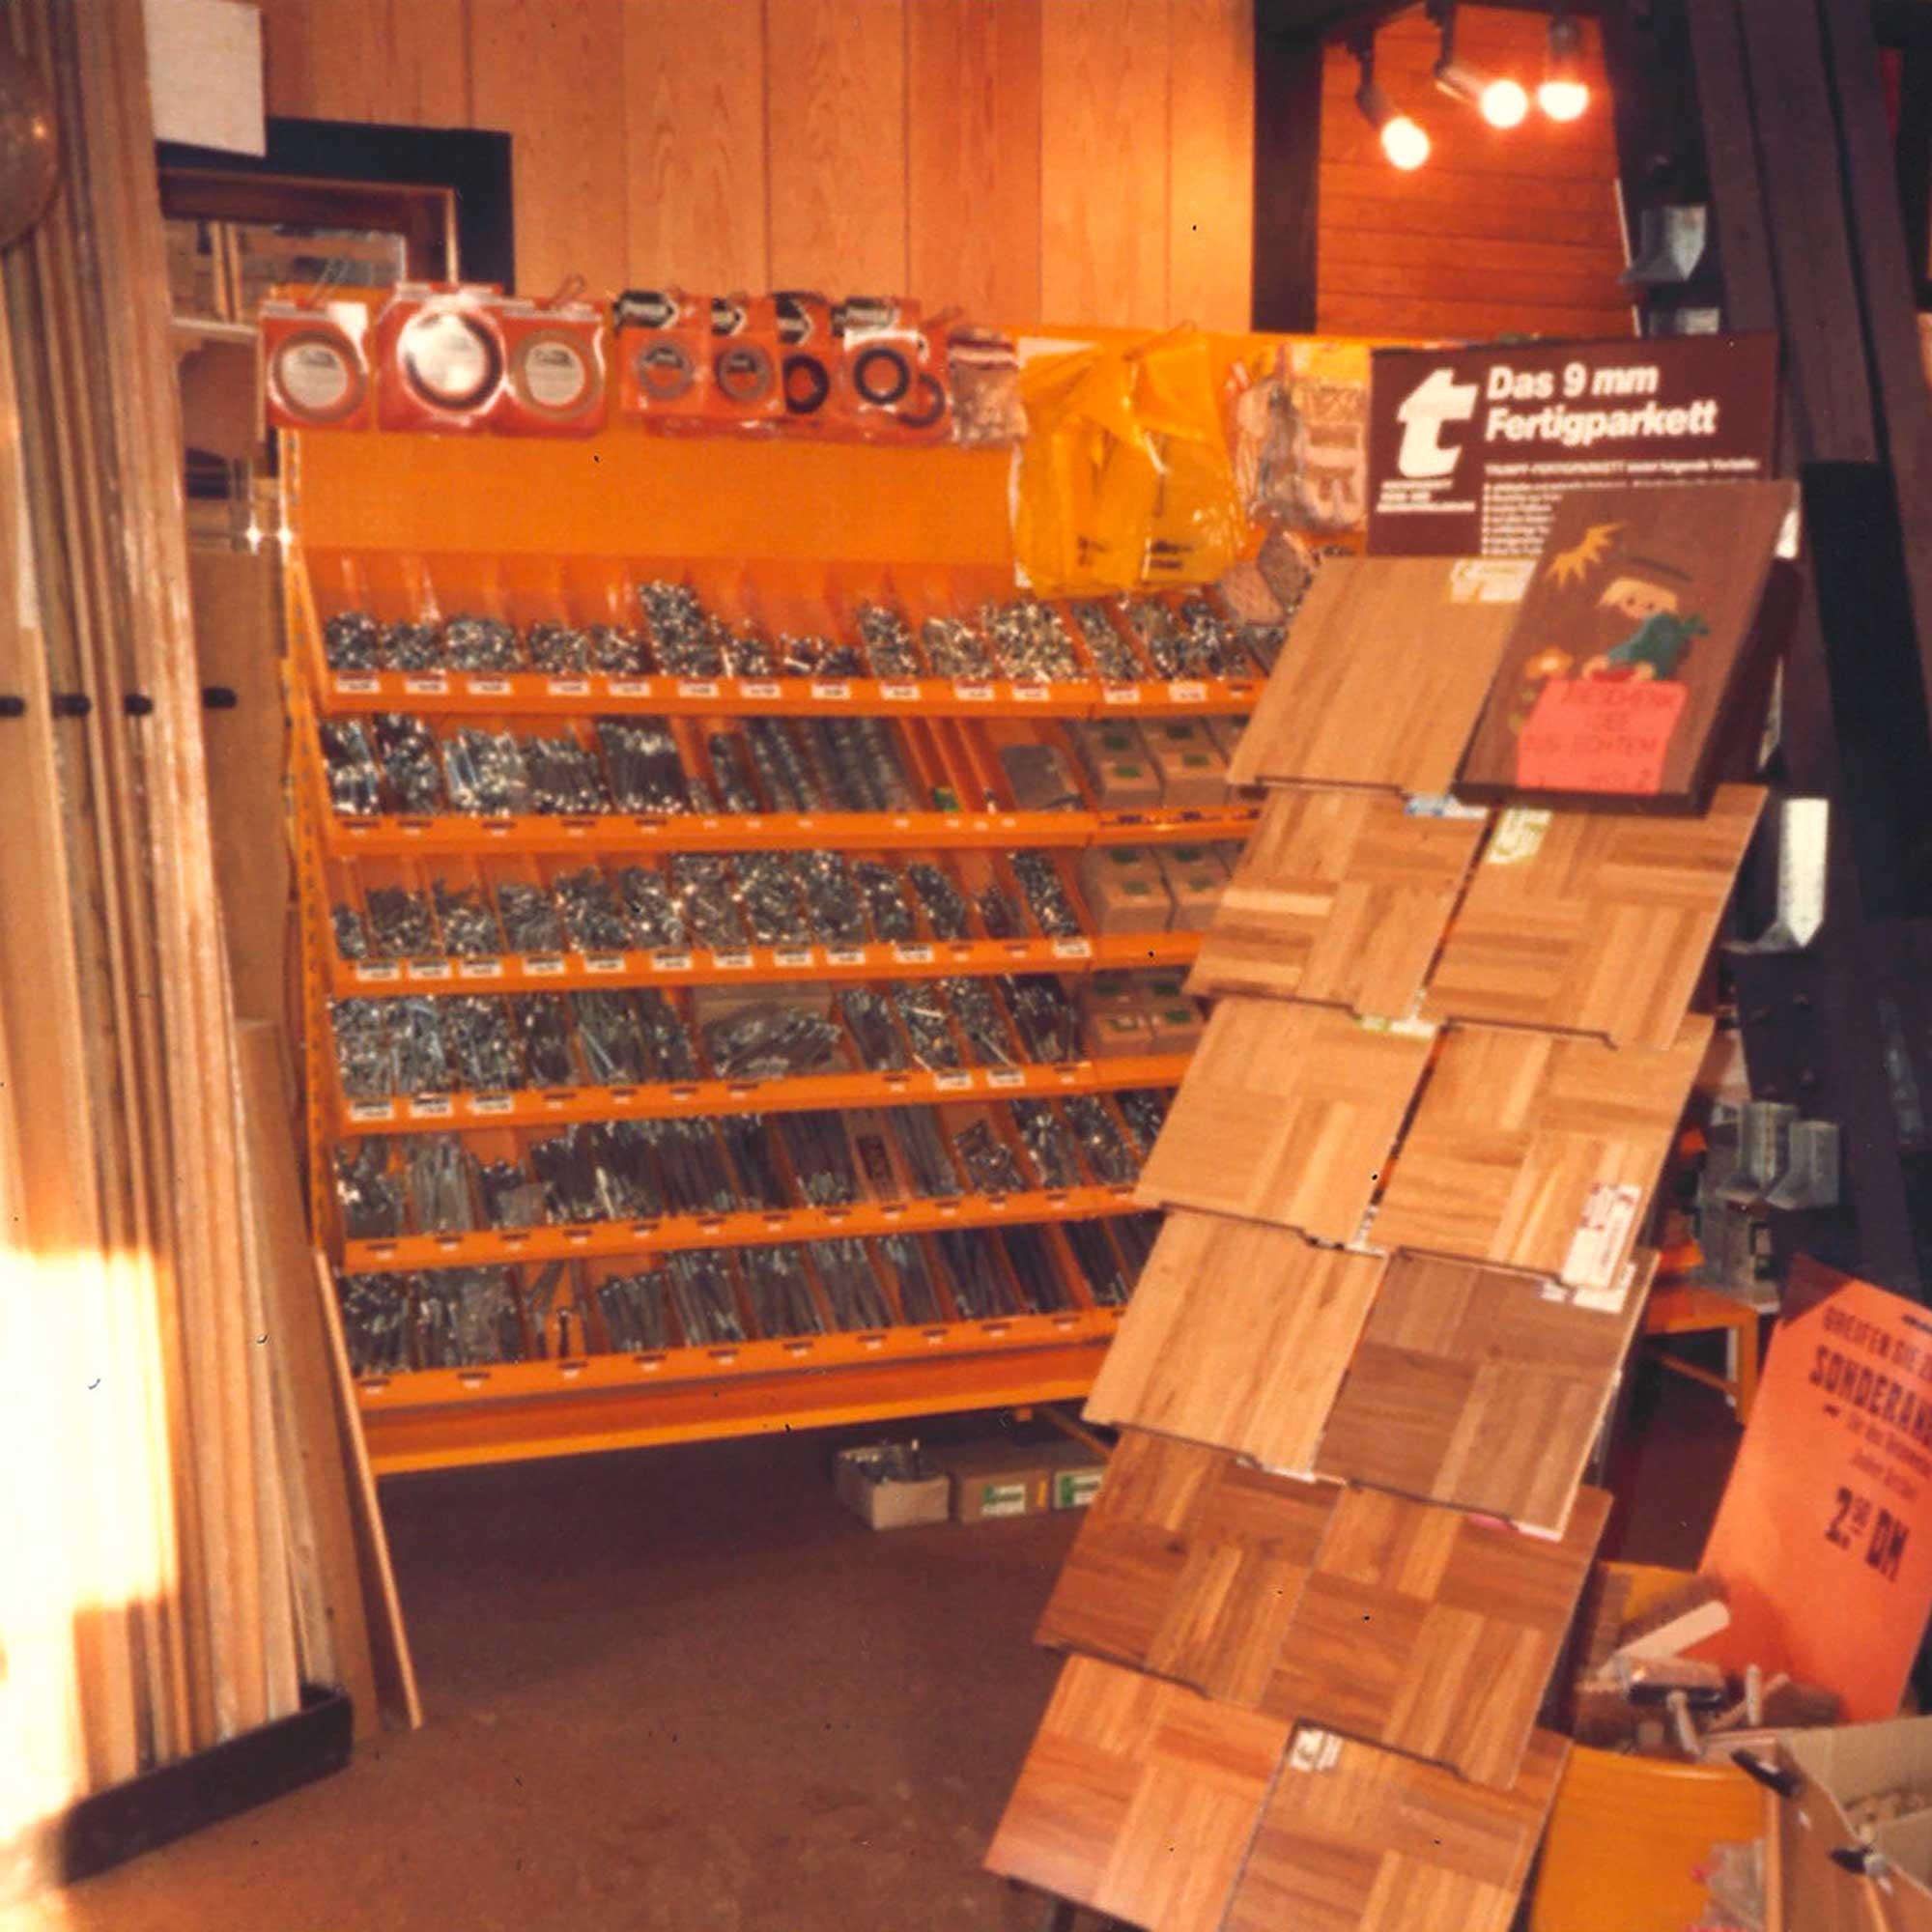 Musterständer mit Fertigparkett in der Ausstellung von HolzLand Verbeek